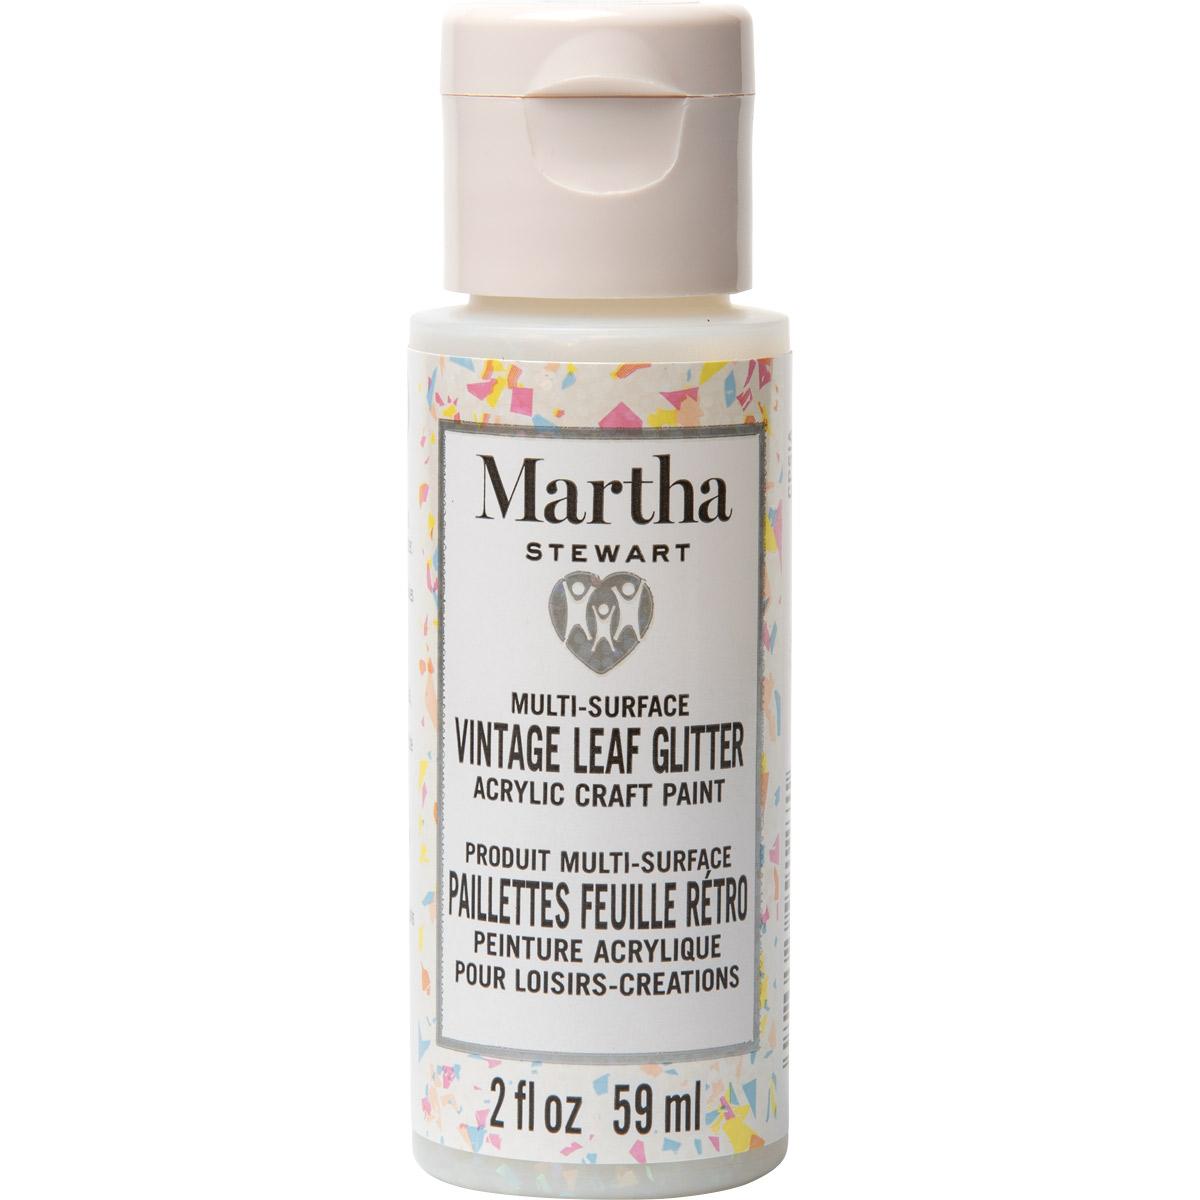 Martha Stewart® 2oz Multi-Surface Vintage Leaf Glitter Acrylic Craft Paint - Sugar Cube